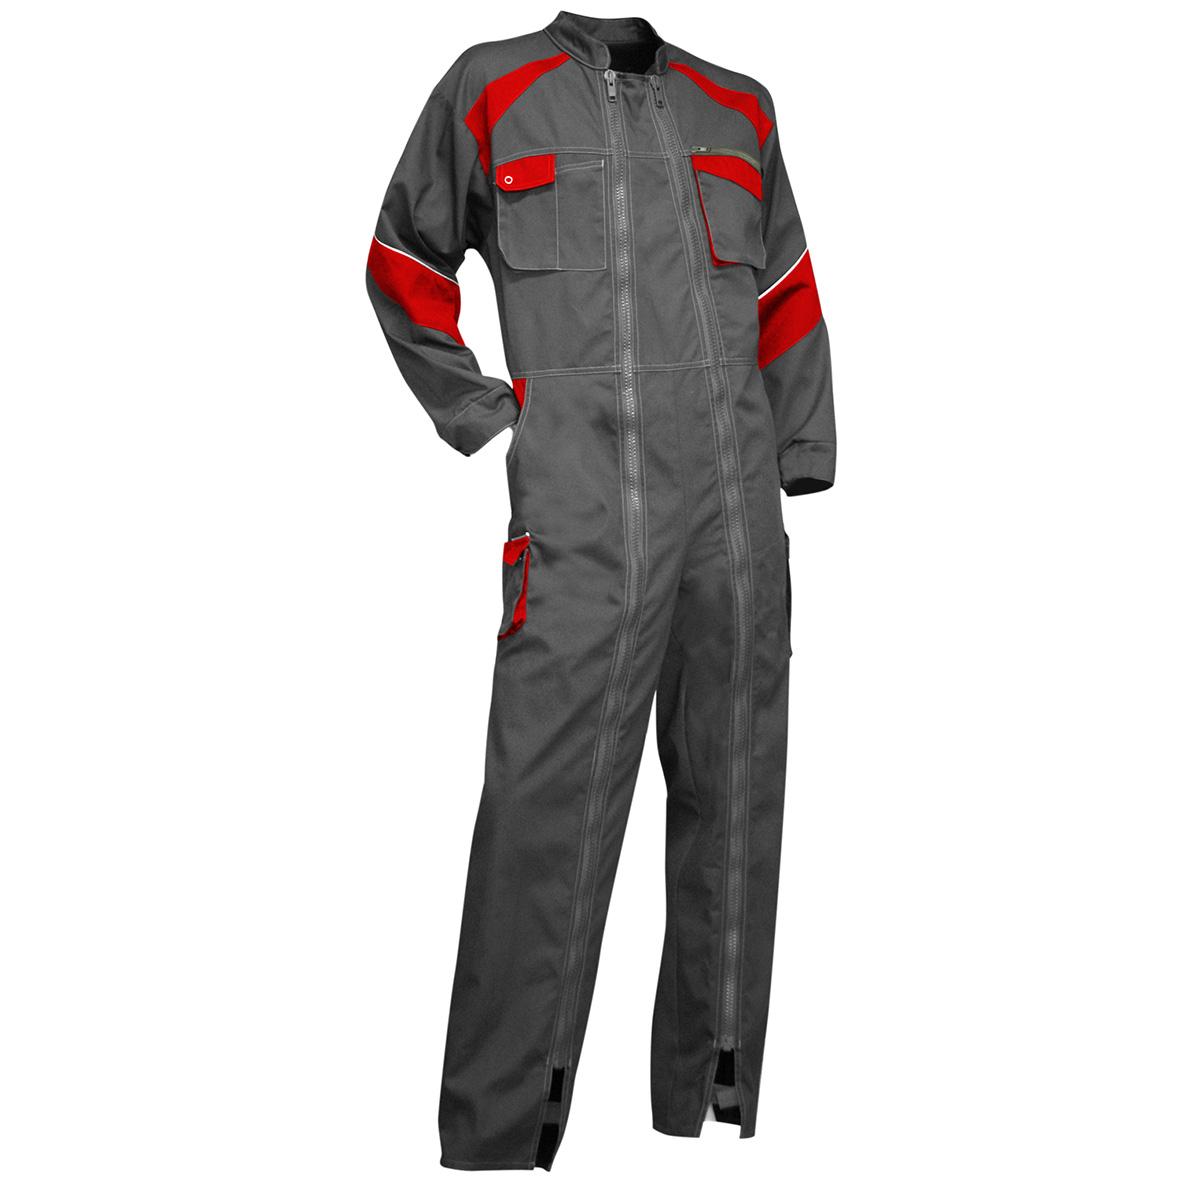 Cote de travail homme Luzerne, double fermeture gris et rouge, Taille 4